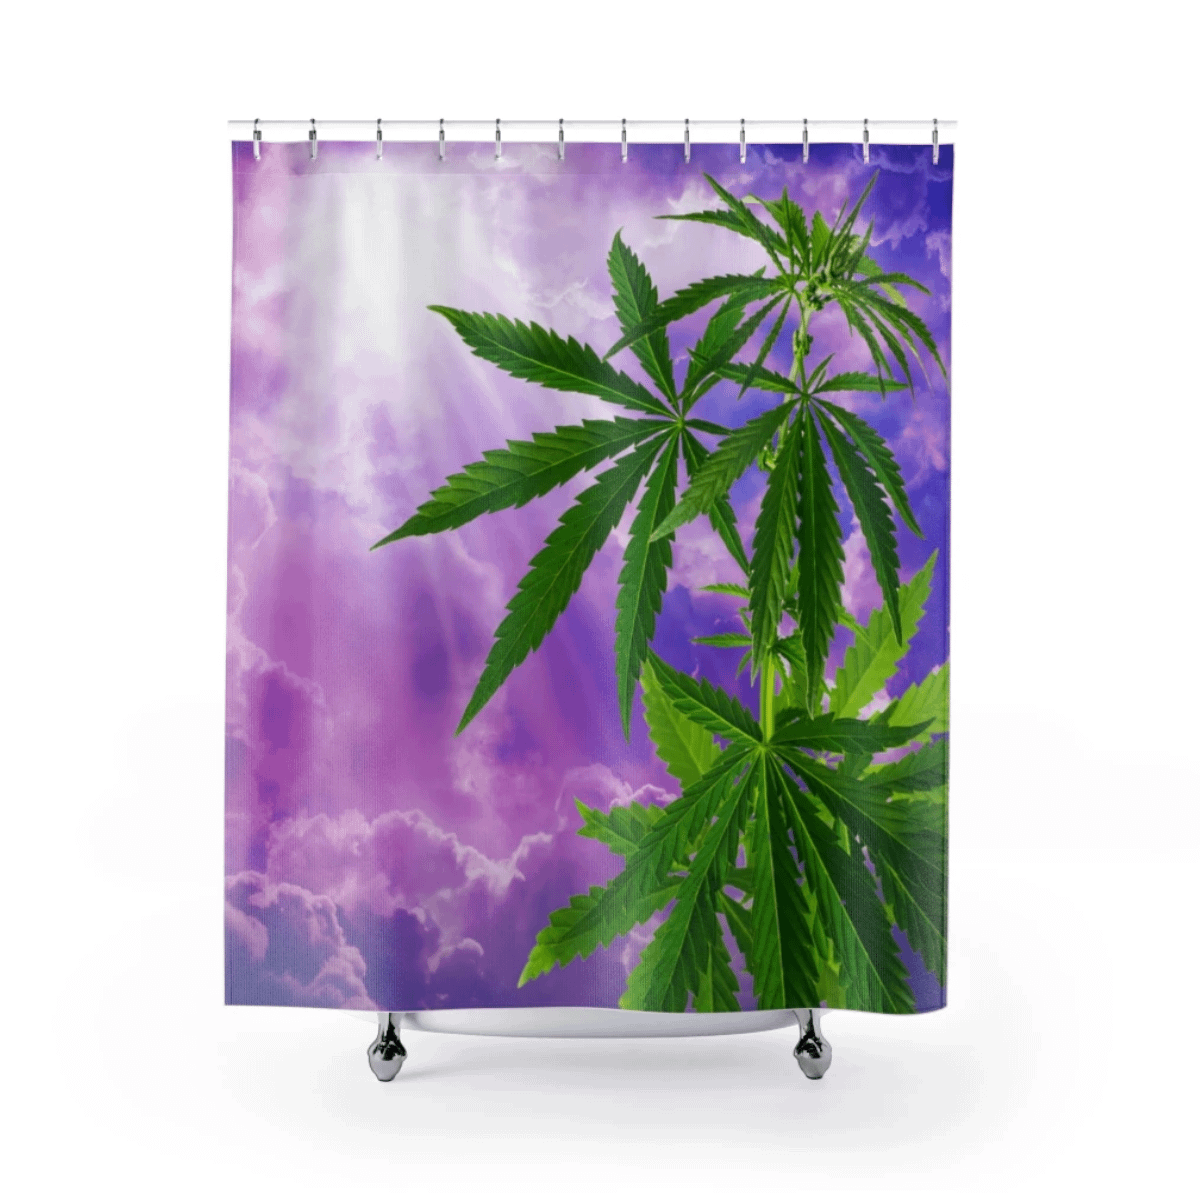 Sogno Di Cannabis Shower Curtains